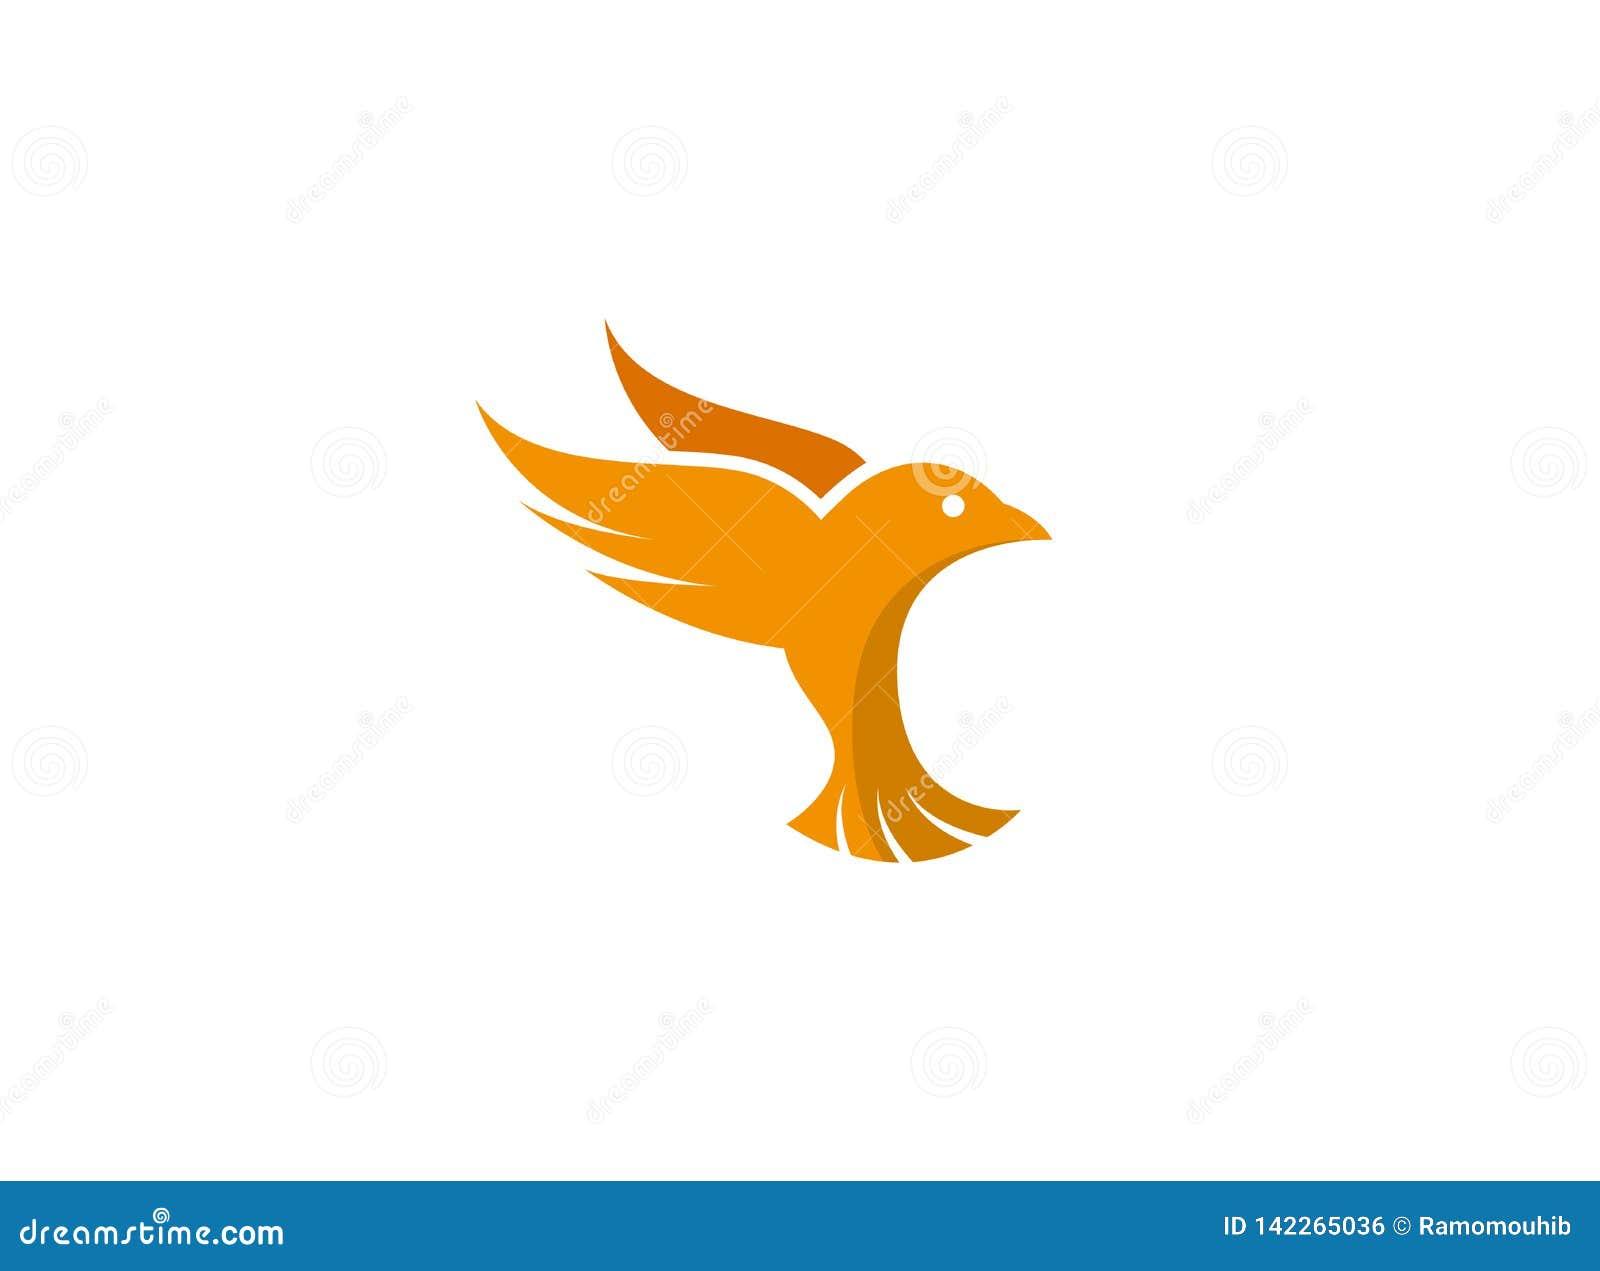 Vogel tauchte offene Flügel und fliegt für Logo esign Illustration